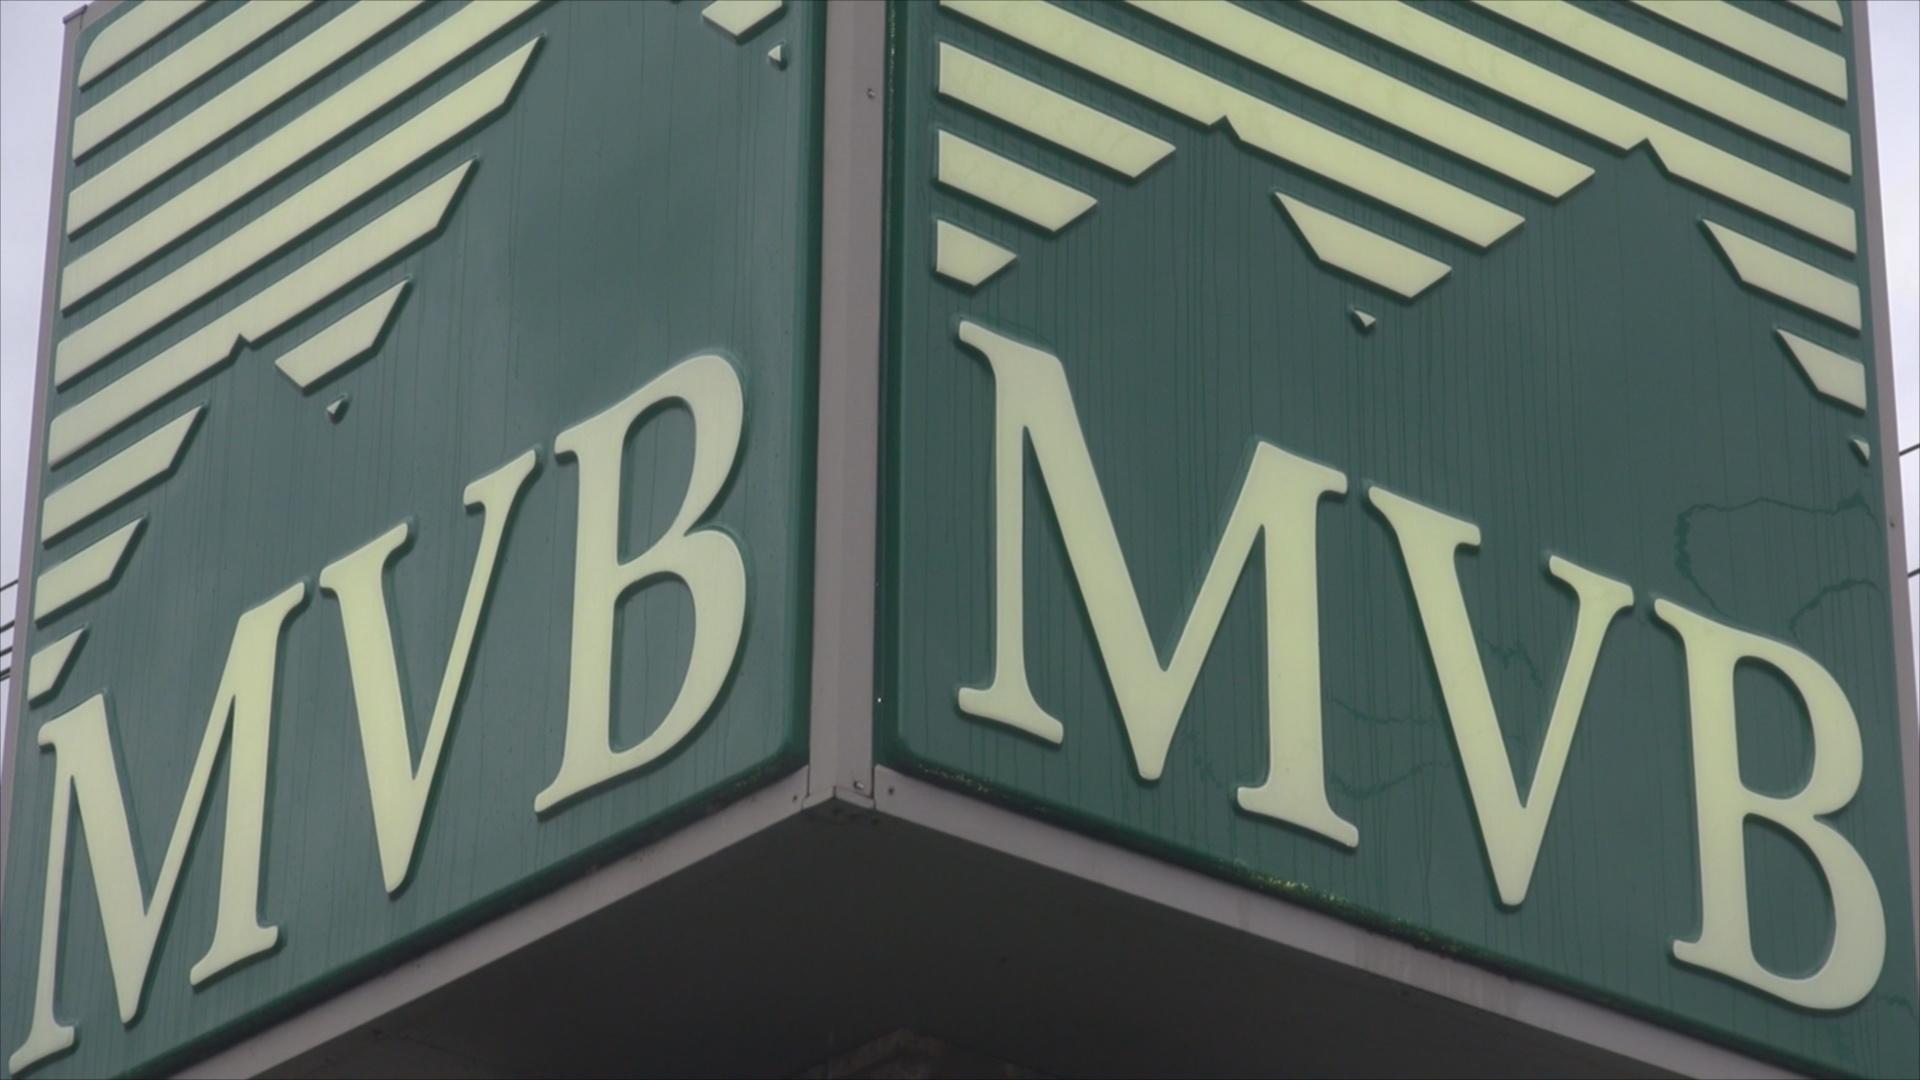 MVB Bank Sign